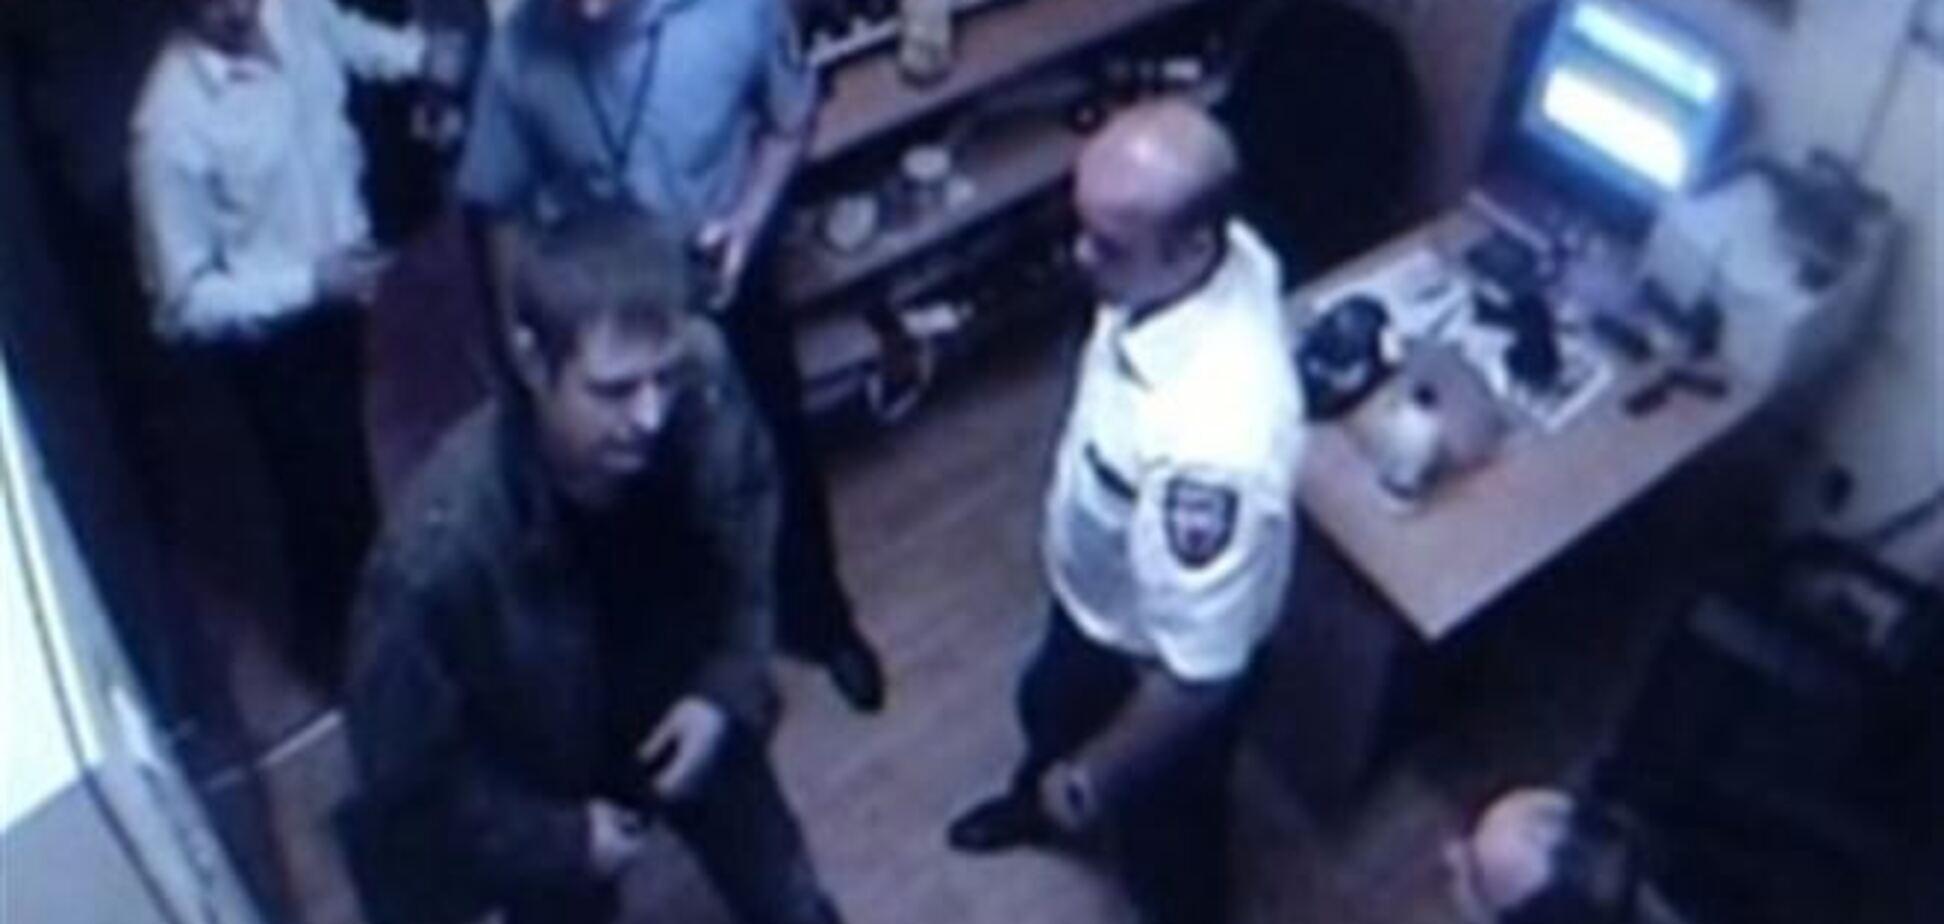 Выживший охранник 'Каравана': не могу утверждать, что стрелял Мазурок